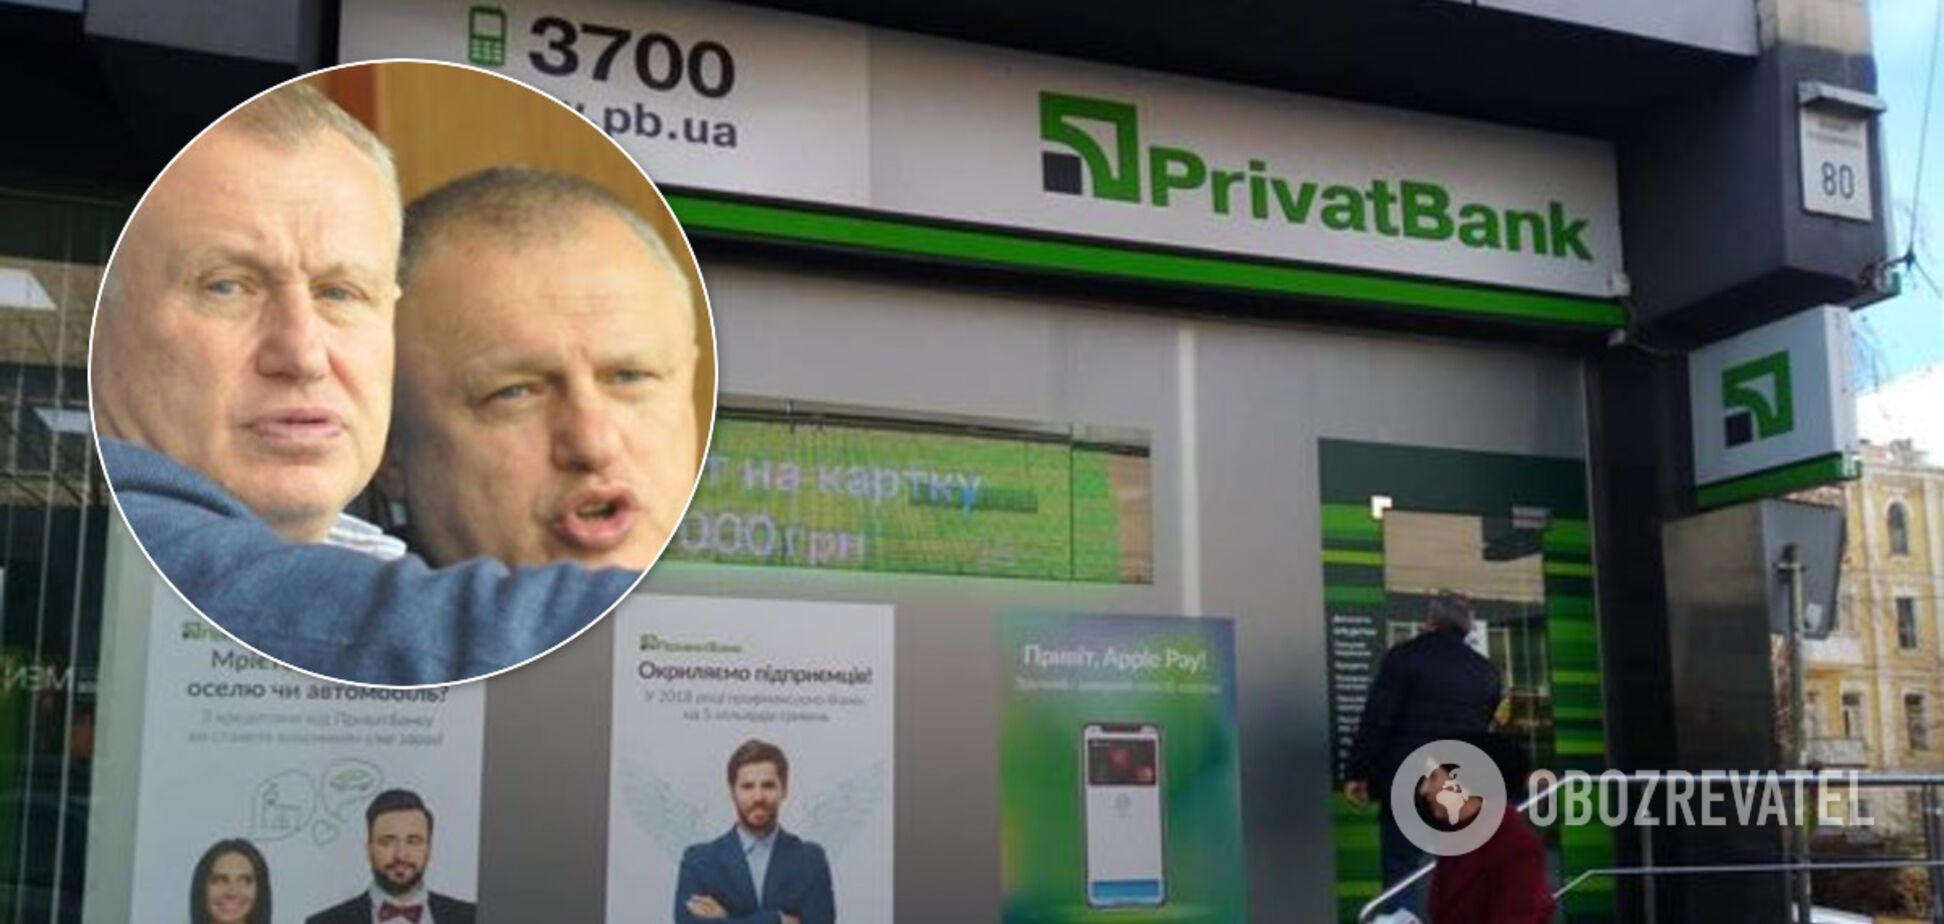 Адвокат опроверг обвинения в адрес Суркисов в выводе средств из Приватбанка